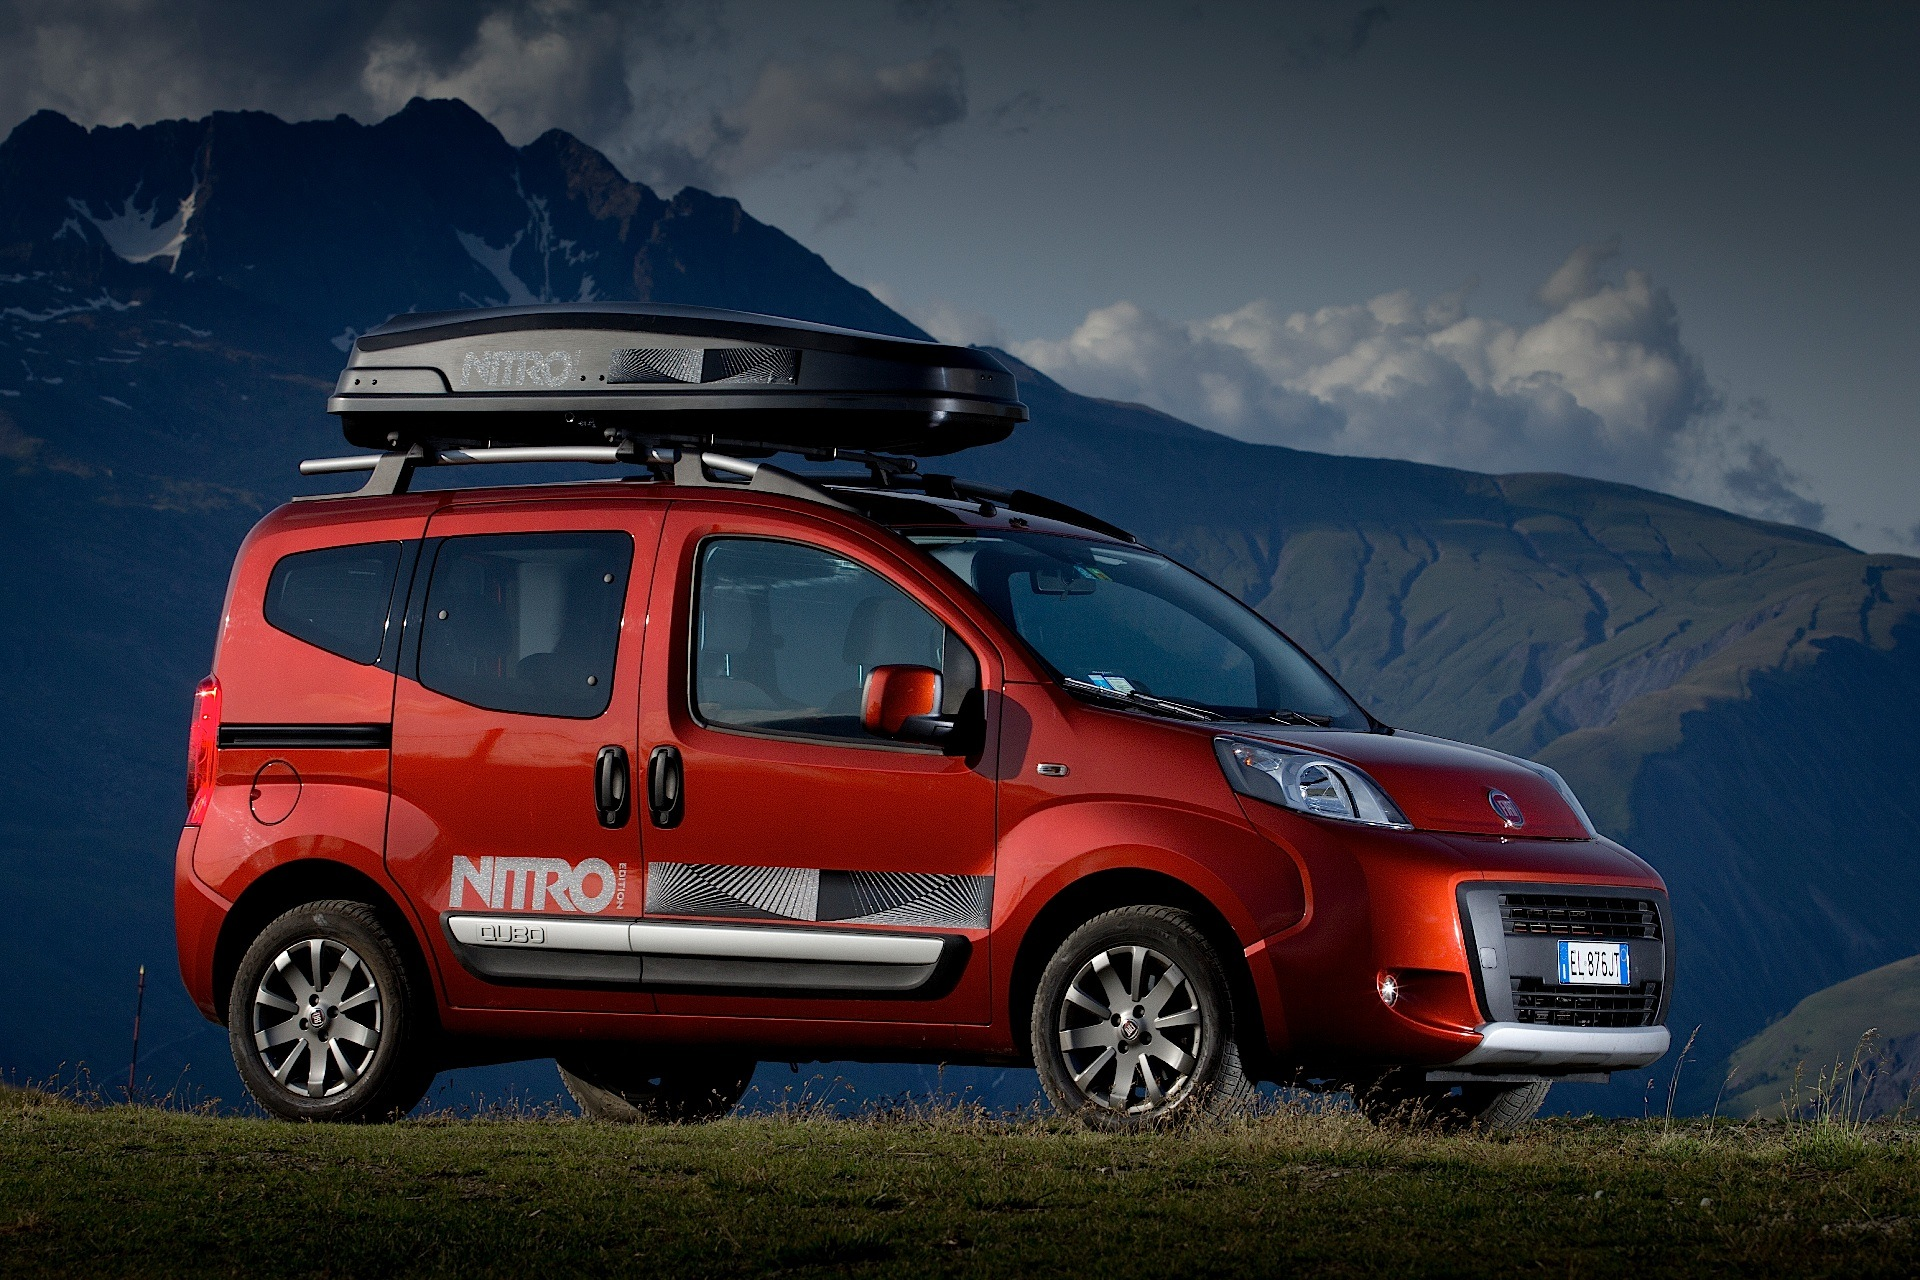 Fiat Qubo I 2008 - 2016 Compact MPV #2